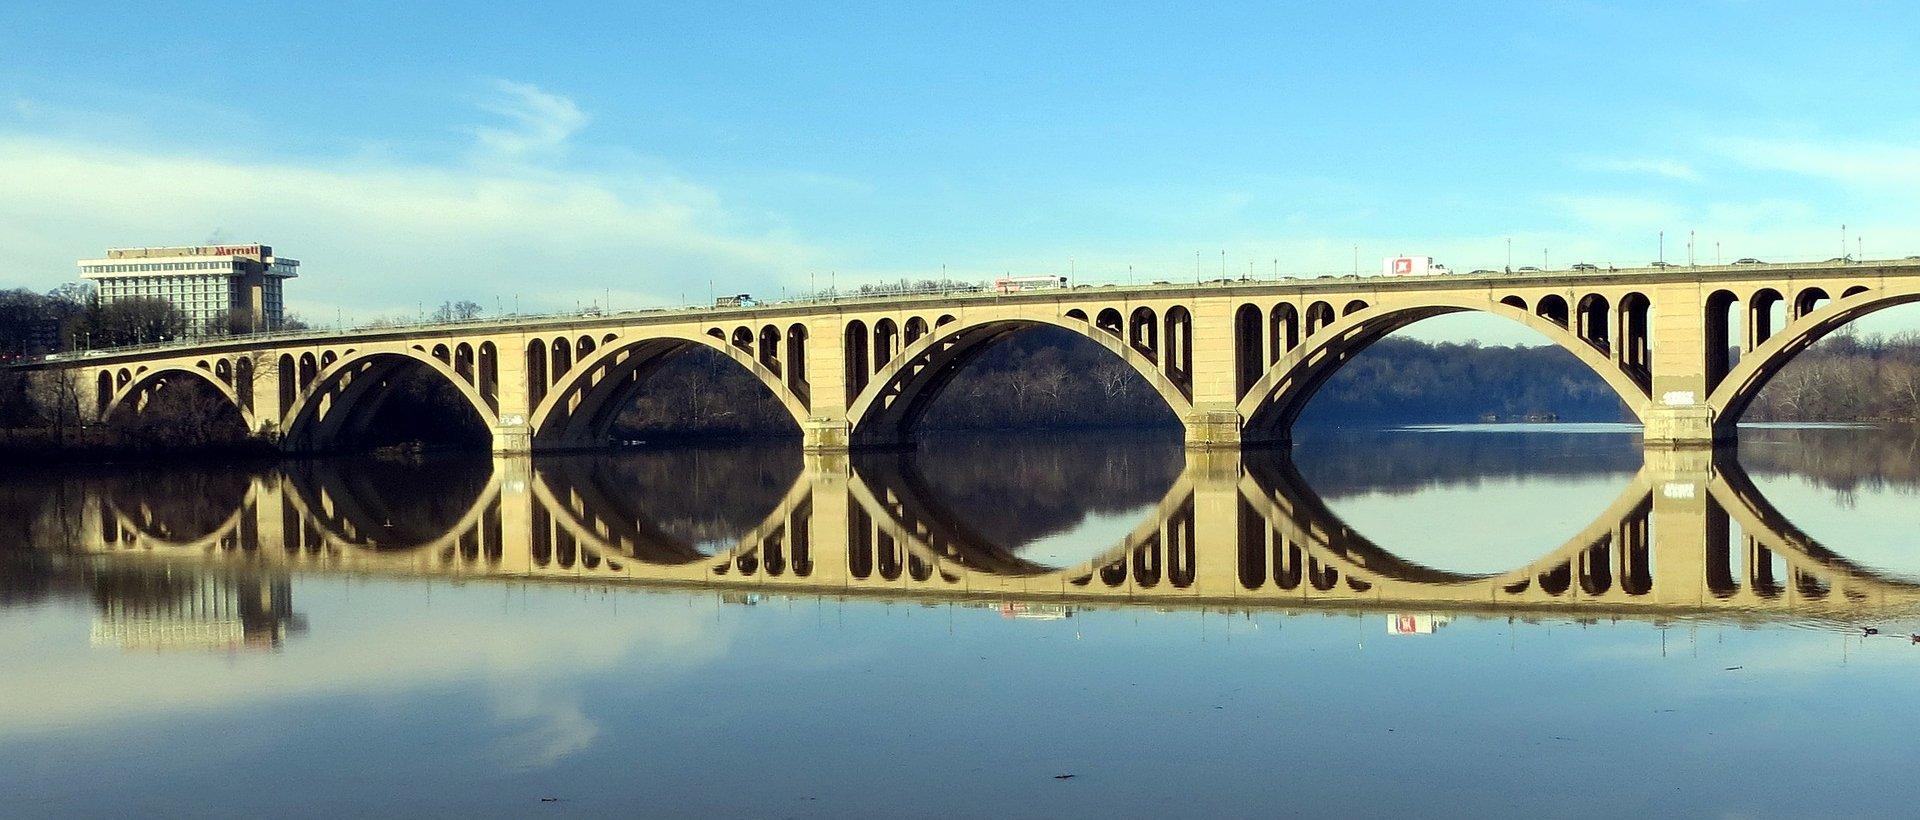 The Key Bridge in Arlington, Virginia – VeteranCarDonation.org